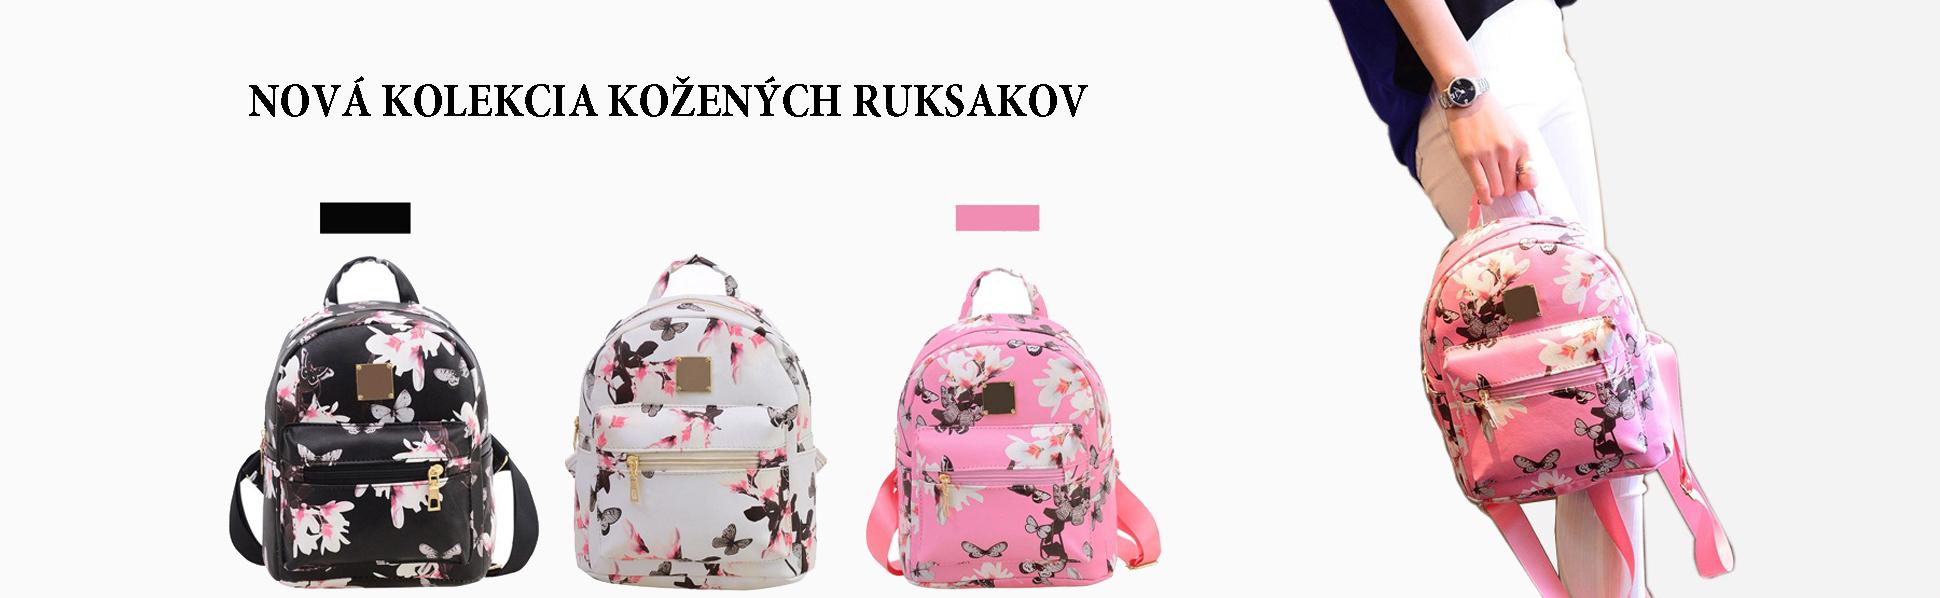 Nova kolekcia kozenych ruksakov a batohov